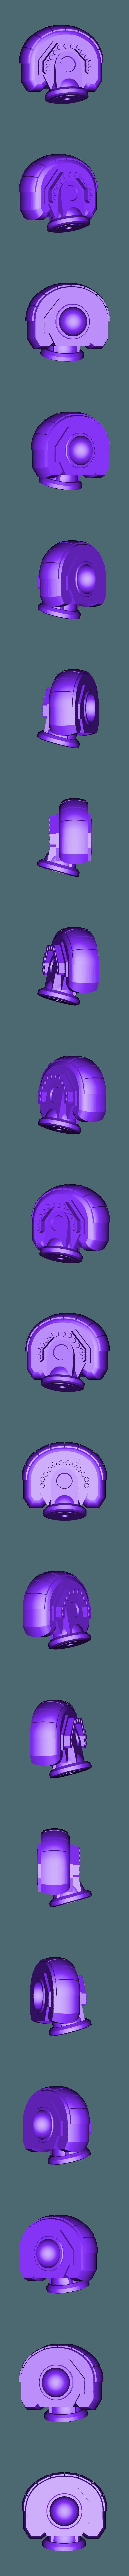 1-100th Defender Layout-HighRez-UpperArm1.stl Télécharger fichier STL gratuit 1/100e de l'échelle Defender Mech • Design pour imprimante 3D, johnbearross